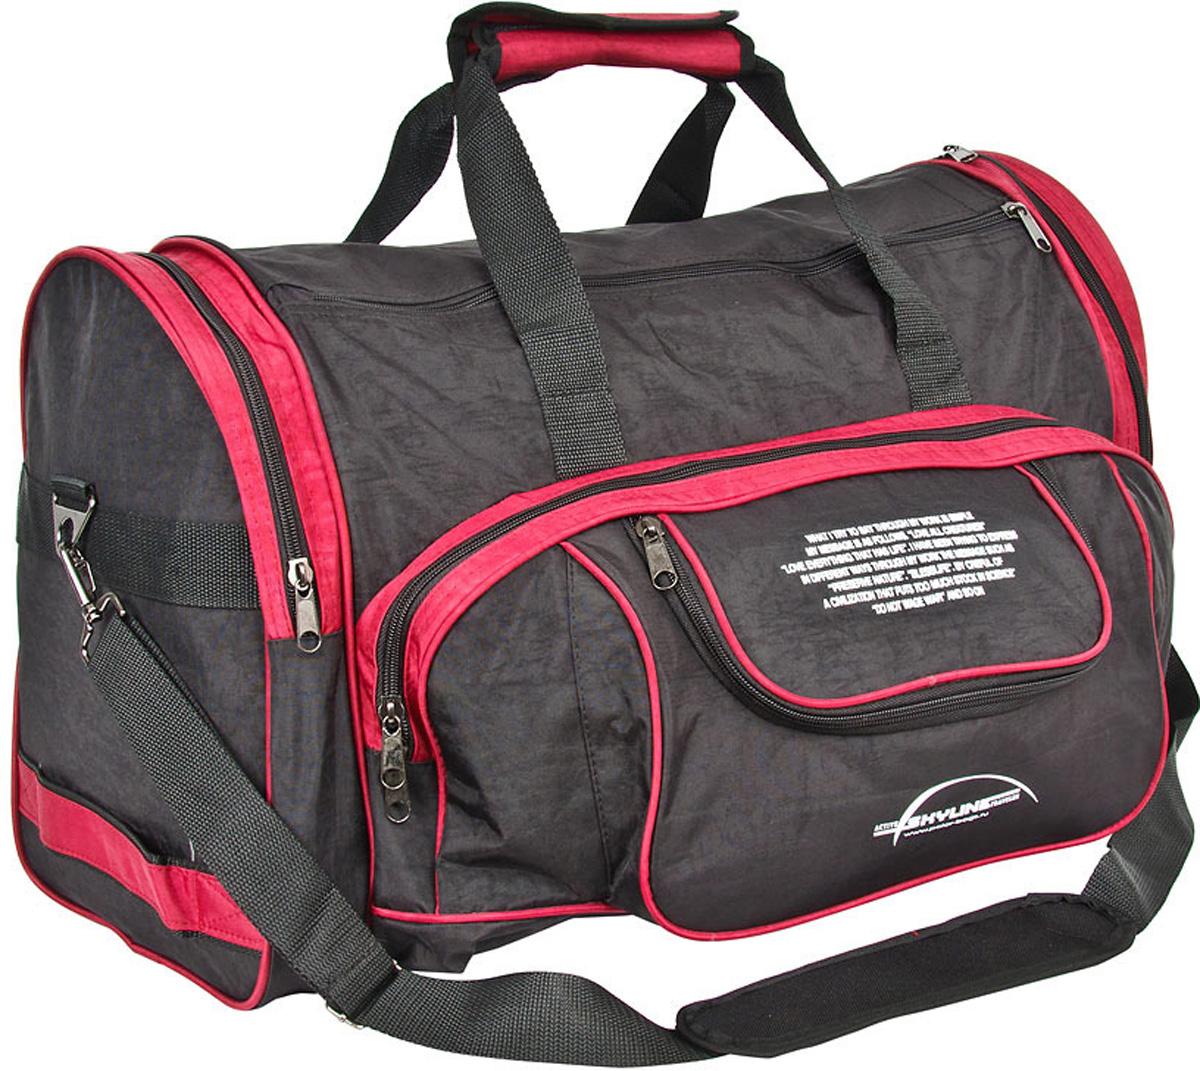 Сумка спортивная Polar Тревел, цвет: черный, красный, 44,5 л, 55 х 27 х 30 см. 6066 сумка спортивная easy camp denver denim 30 л